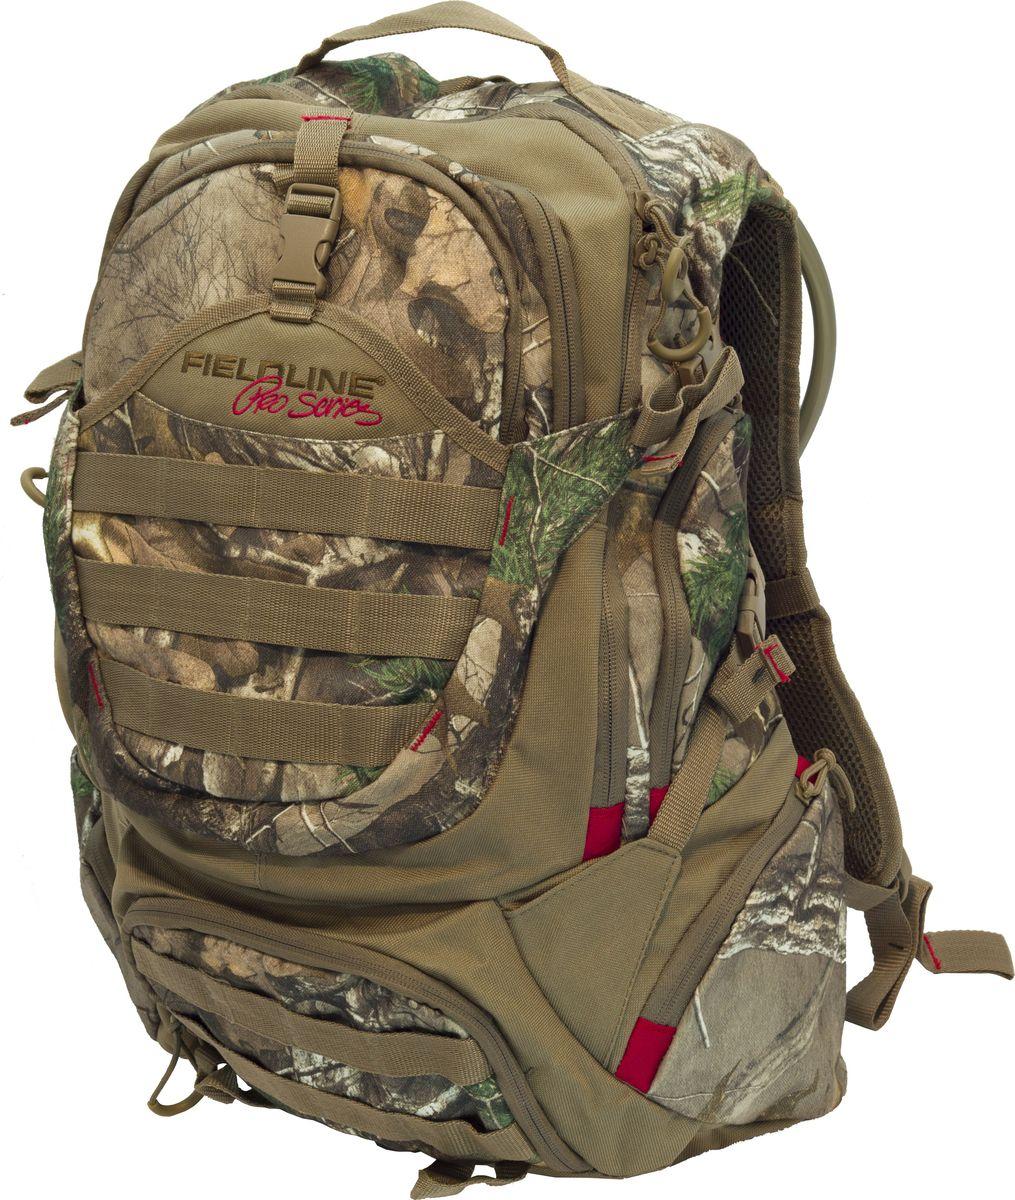 """Рюкзак для охоты Fieldline Ultimate Hunters 2 Day Pack, цвет: камуфляж, светло-коричневый020968591167Рюкзак Ultimate Hunters 2 Day Pack 52x37x15cm FCB005FLPРазмеры: 52 cm x 37 cm x 15 cm Камуфлированный рюкзак для 1-2 дневных охотничьих маршрутов, выполненный из прочной, мало шуршащей ткани .Встроенный легкий алюминиевый каркас""""Y образные плечевые ремни с центральной регулировочной поперечной утяжкой Большой основной отсек с молнией – возможность расстегивания молнии на ? длины. Вместительный дополнительный отсек Двухлитровая питьевая система Специальное внешнее фронтальное отделение для хранения снаряжения «быстрого доступа»Верхний центральный карман с внутренним карманом из сетки на молнии 4 боковых кармана на молнииНижний карман на молнии с органайзером Бесшумные пулеры на молниях. Фронтальная стропы для крепления дополнительного снаряжения в том числе и по стандарту MOLLE (Modular Lightweight Load-carrying Equipment) 4 компрессионные стропы для распределения нагрузки и крепления дополнительного груза"""